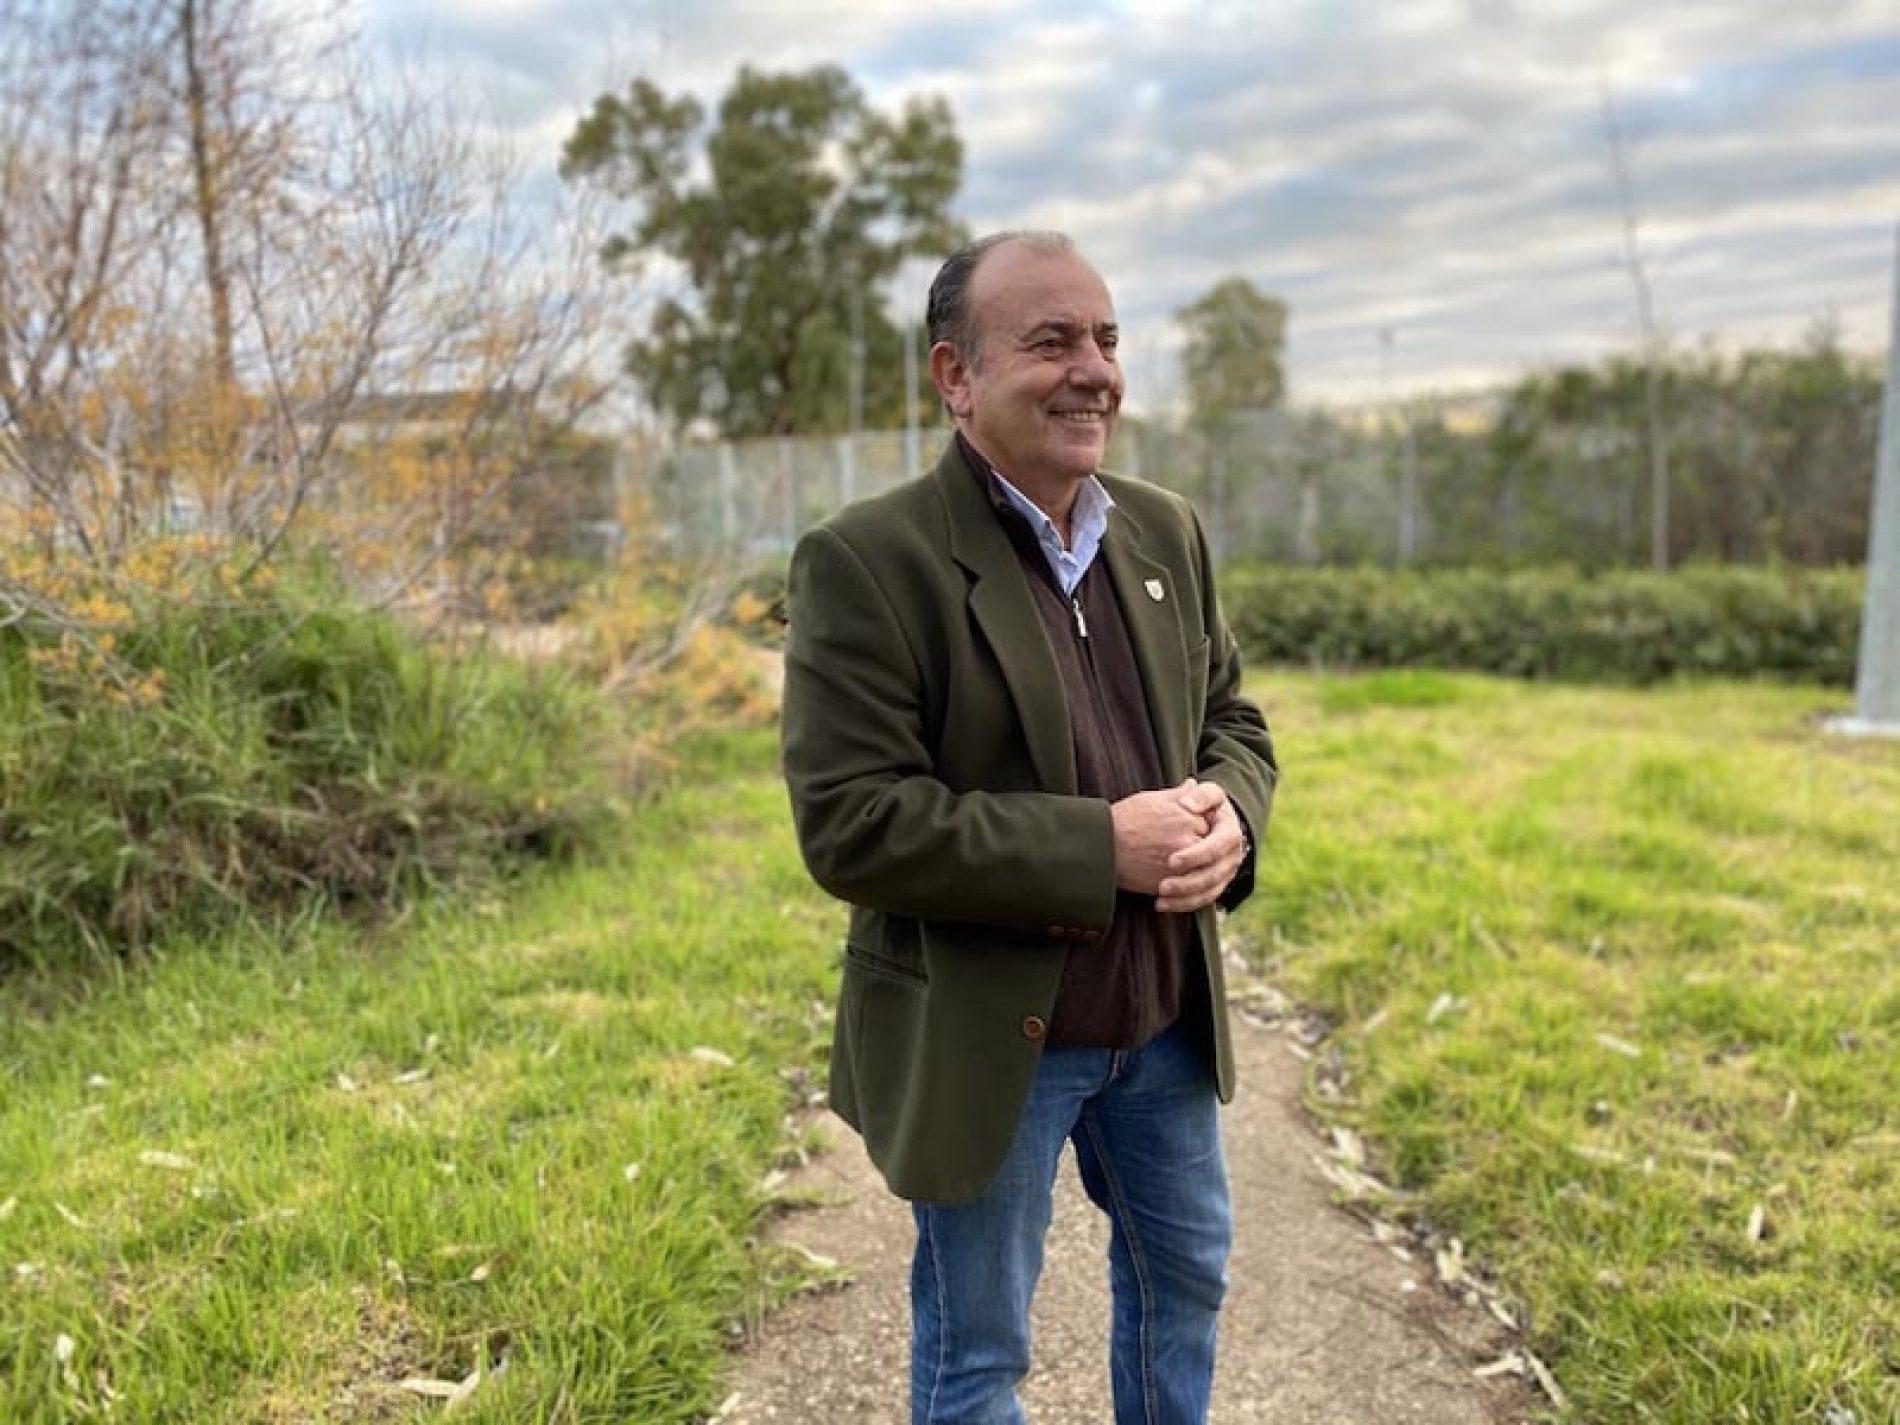 Manuel Gallardo anuncia su candidatura a la Presidencia de la RFEC